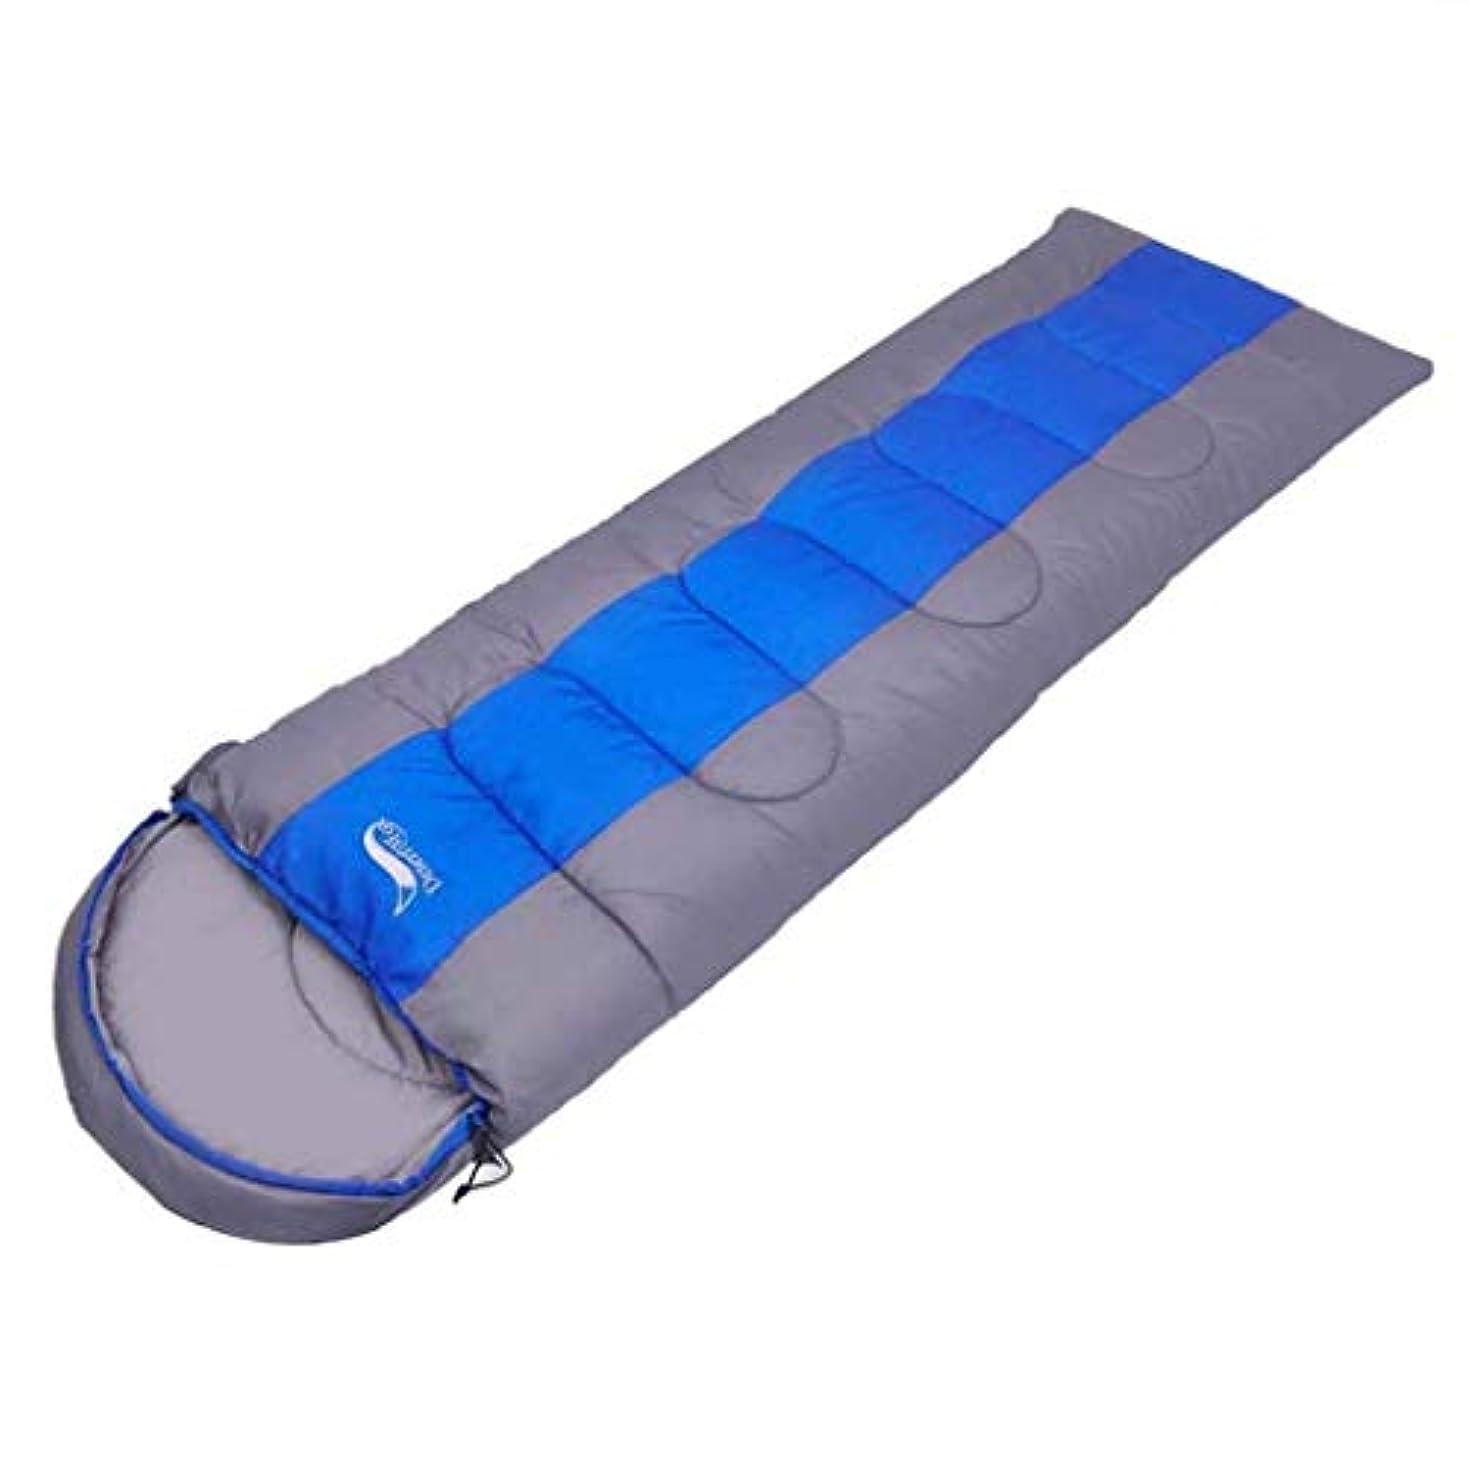 限られたマラソン関係屋外の長方形の寝袋キャンプのハイキング登山活動のための防水通気性の軽量4シーズンコットンパッドトラベルバッグ(色:青、サイズ:1.6kg)